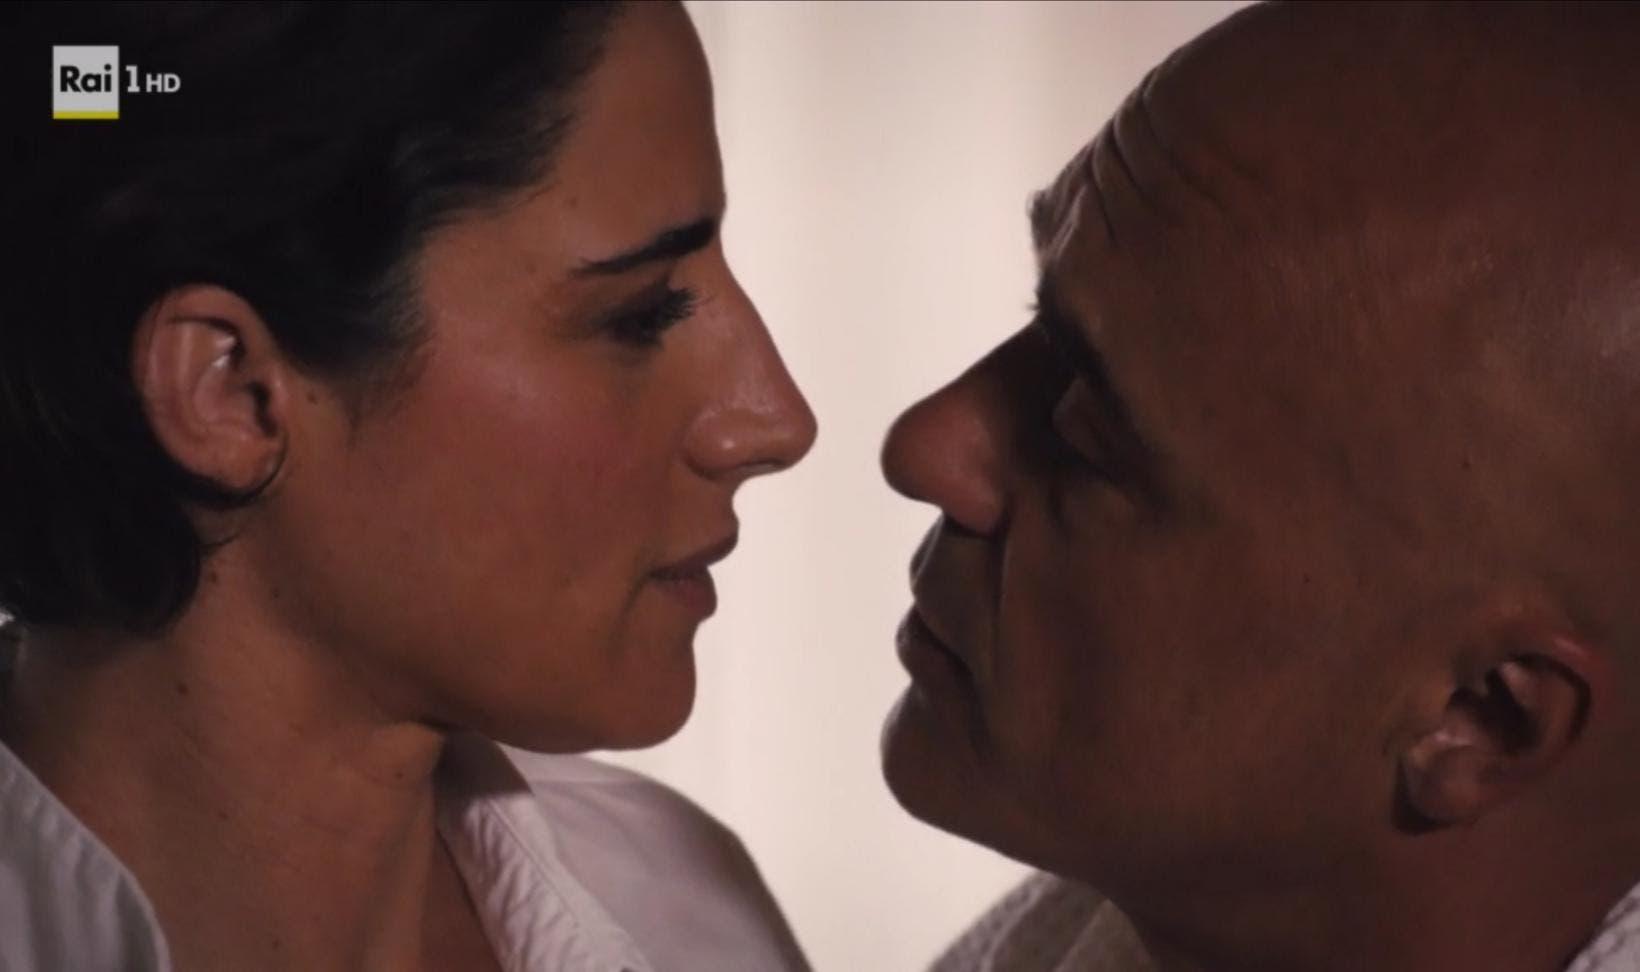 Il Giudice Meschino - Luisa Ranieri e Luca Zingaretti